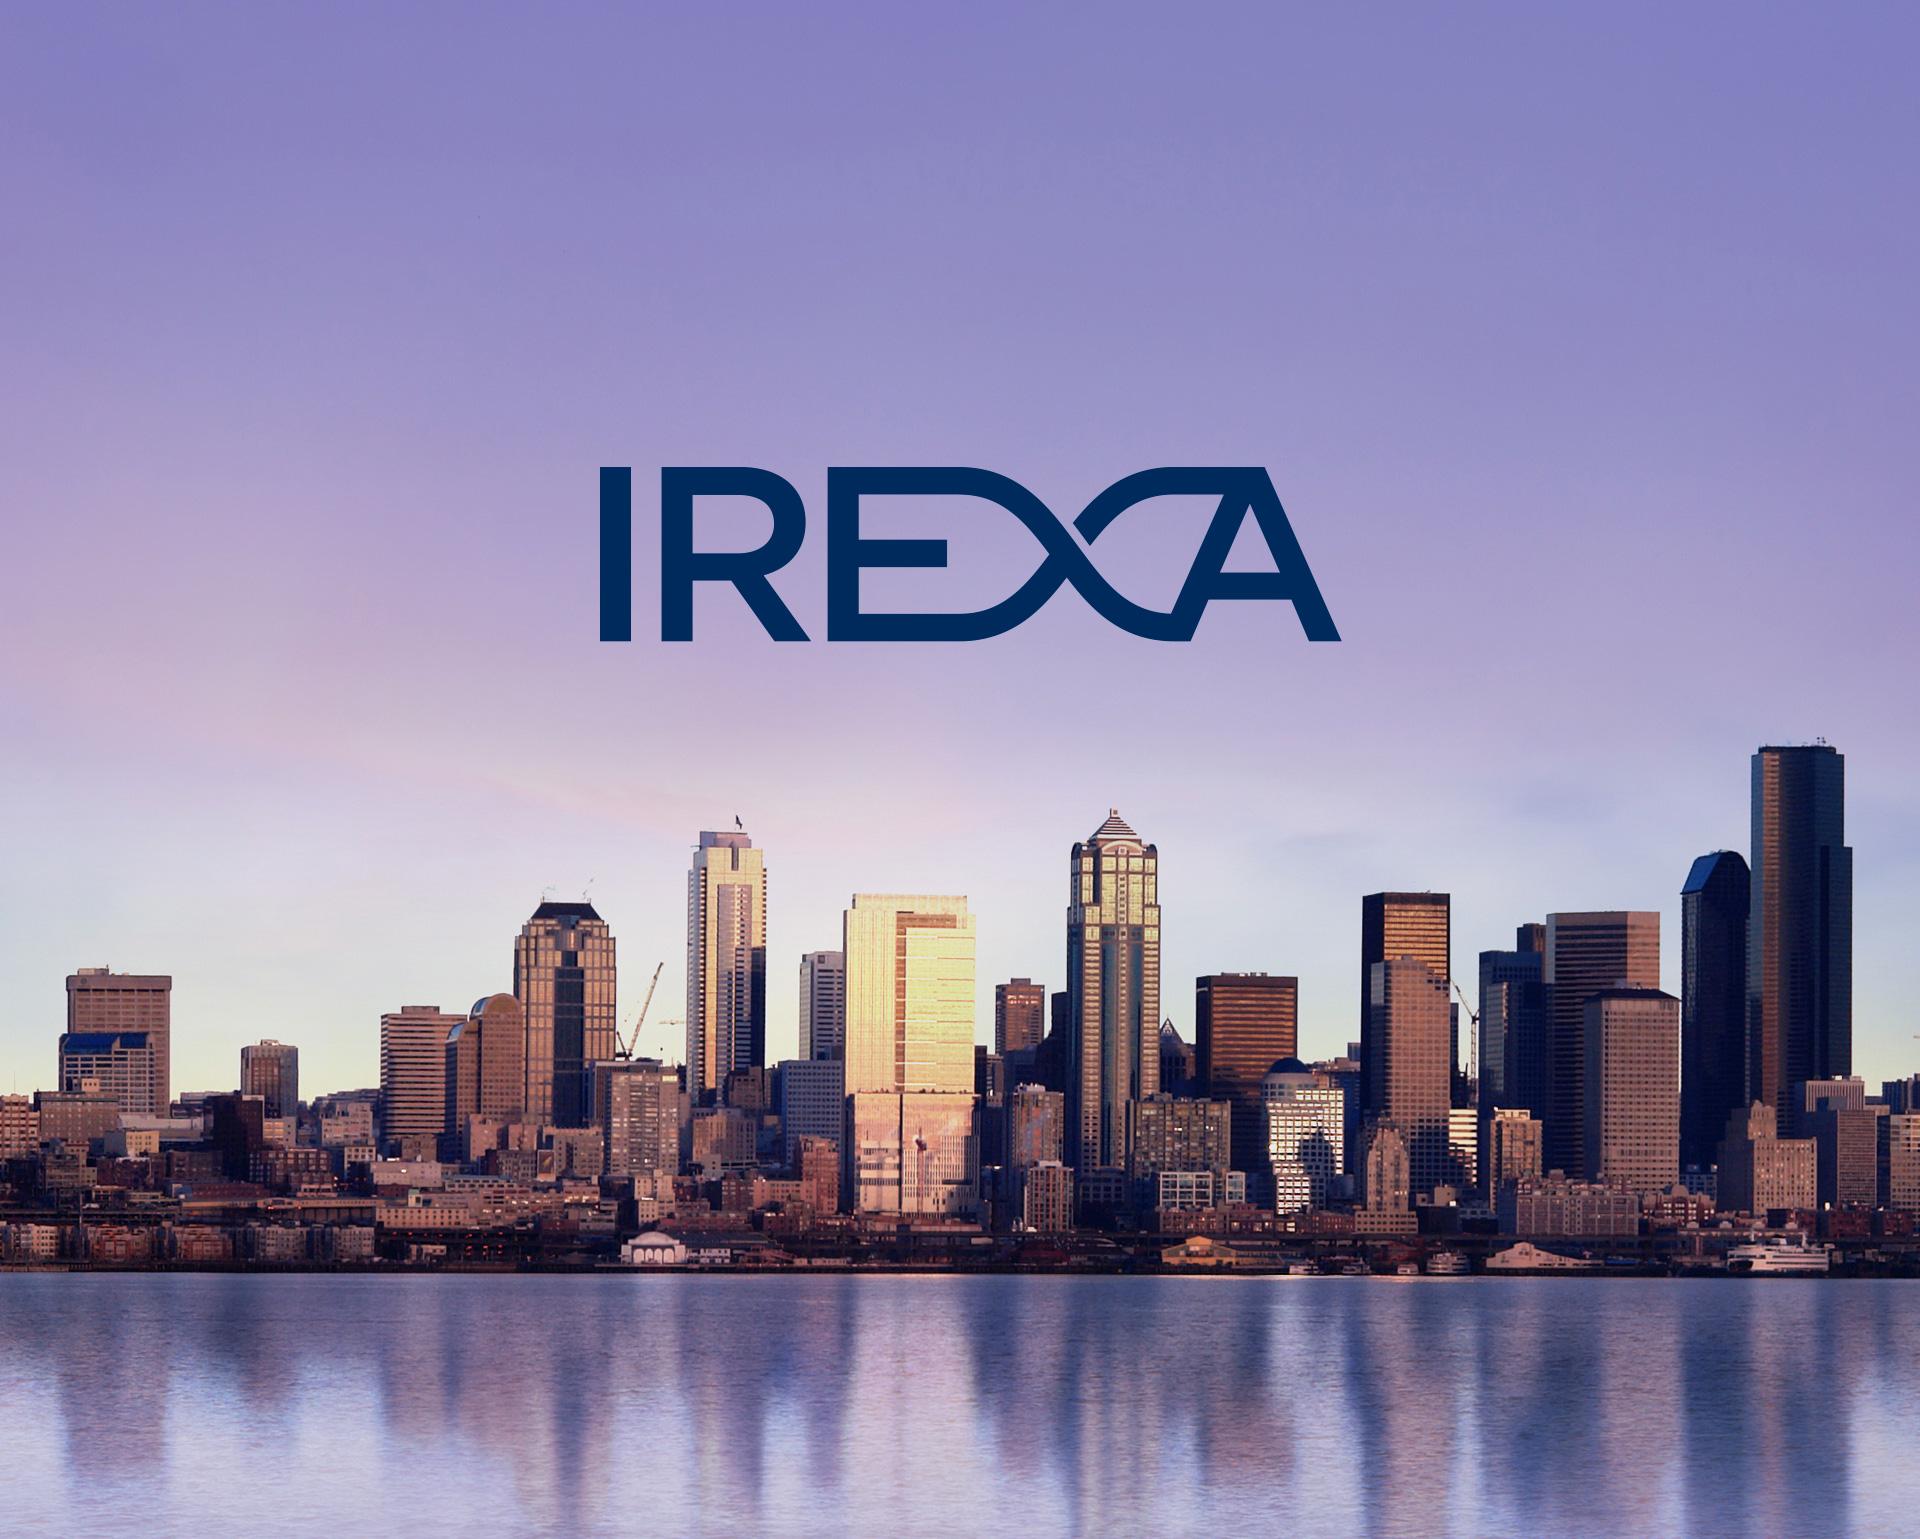 IREXA